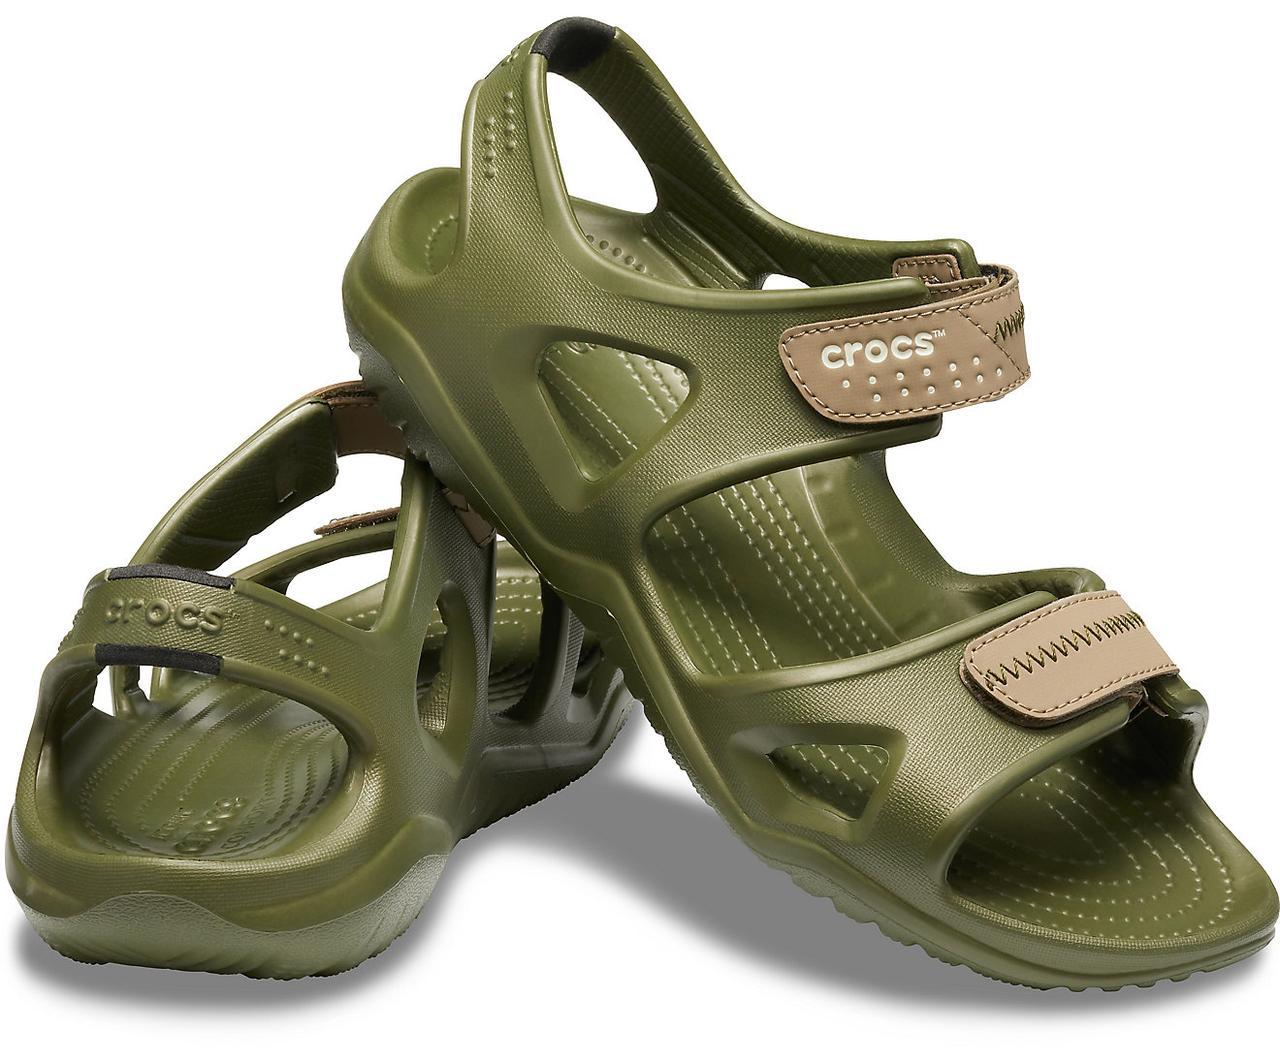 Сандалии Crocs мужские хаки EU 43 44 45 46 47 48 49 сандали оригинал Крокс 43-44